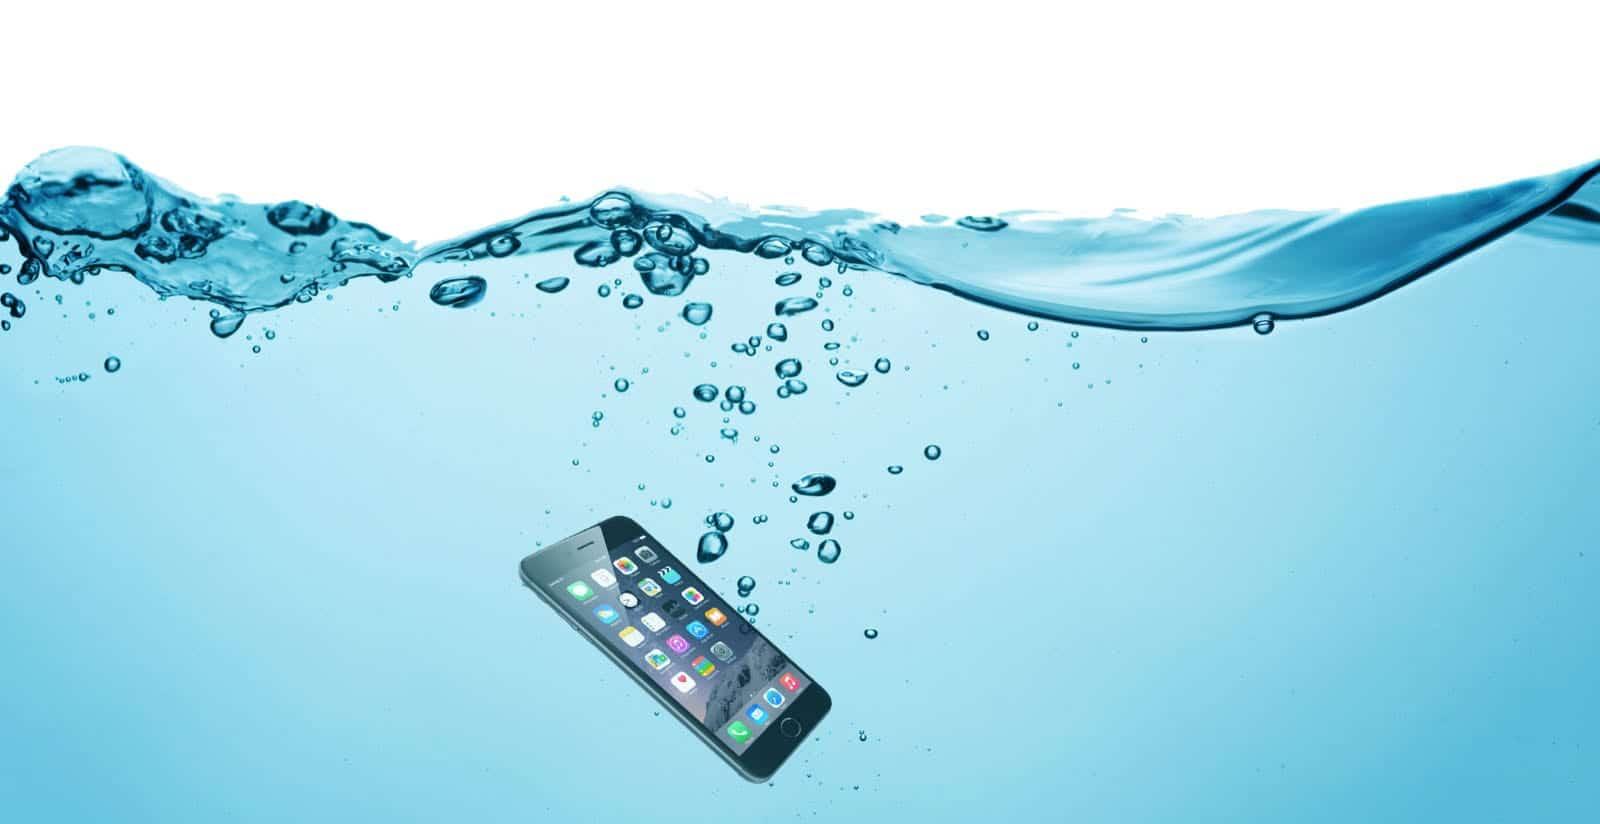 recuperar fotos iphone mojado